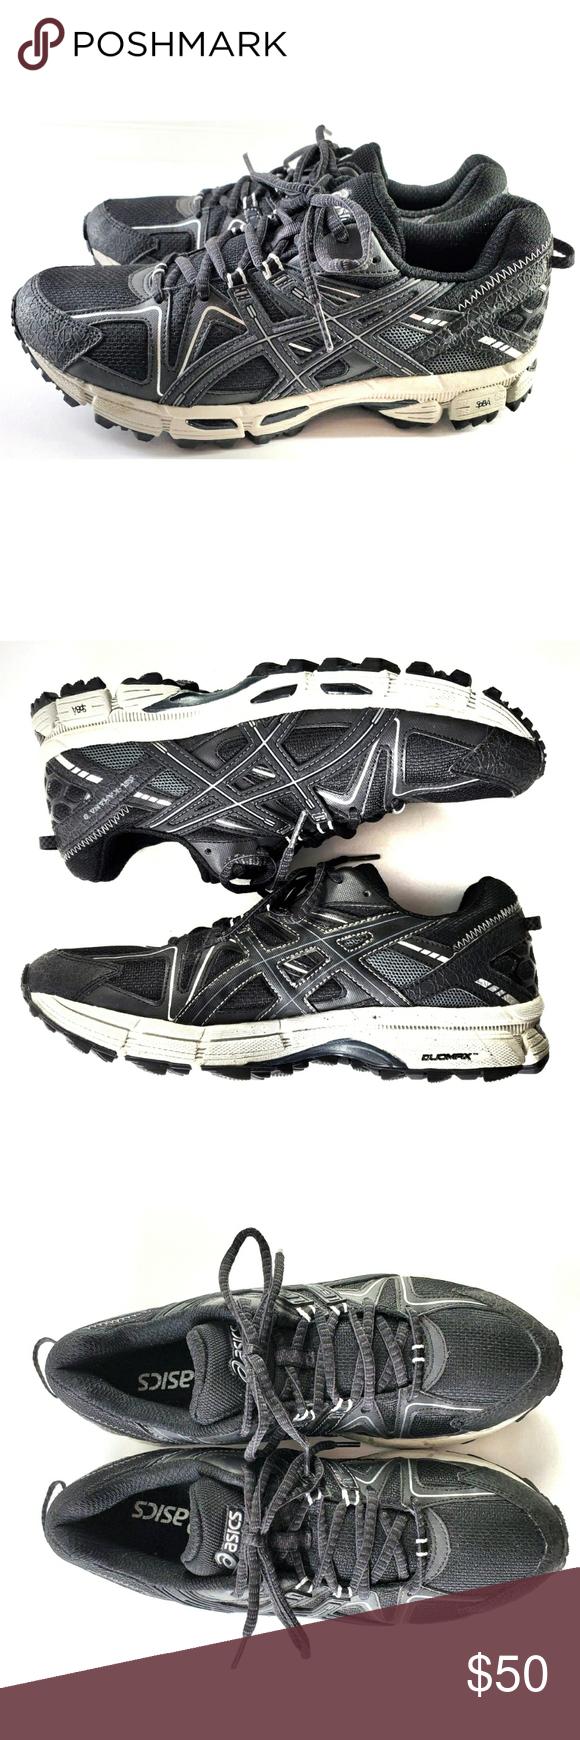 Asics SpEVA Gel Running Sneakers Men's